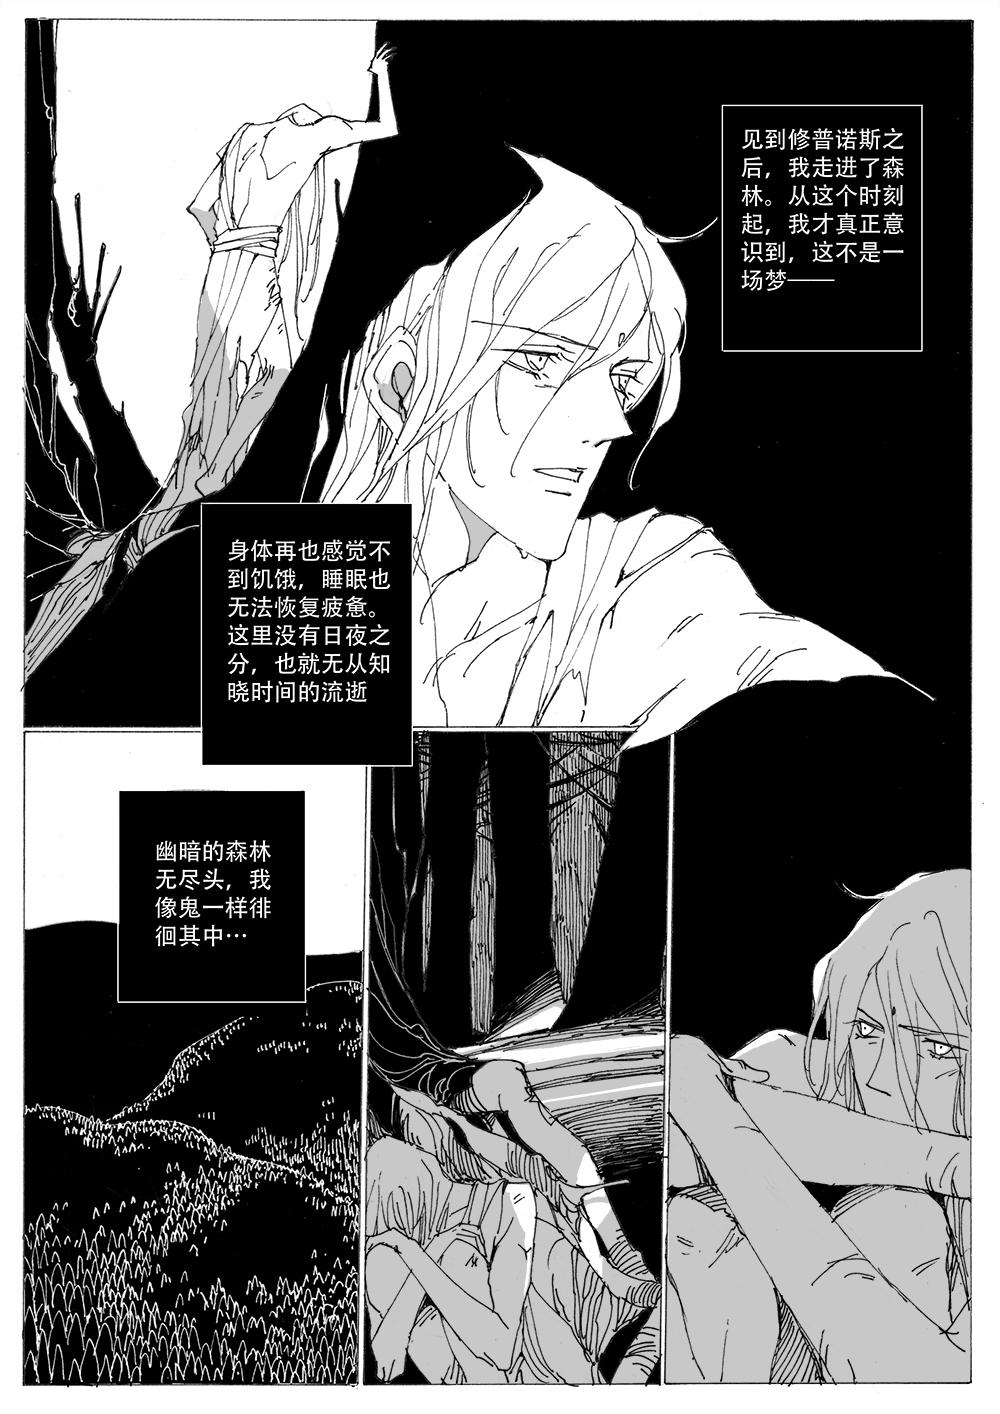 永生河16